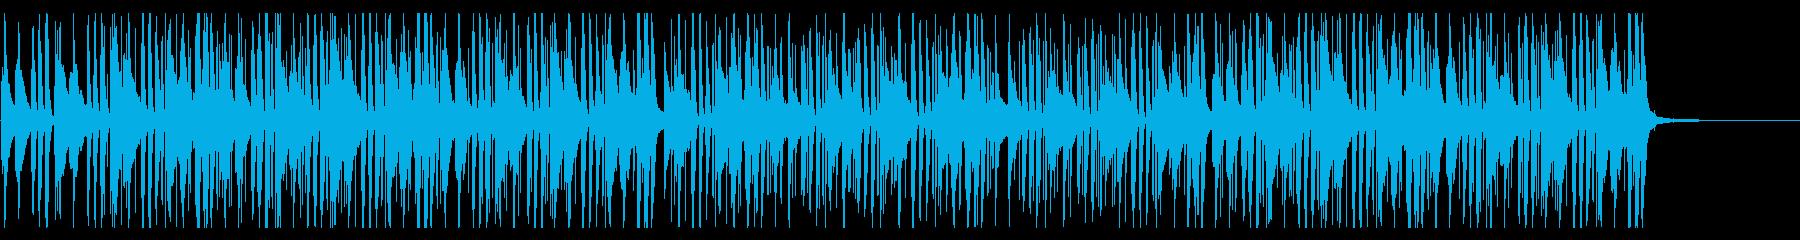 ギターとピアノにドラムが絡むジャズビートの再生済みの波形